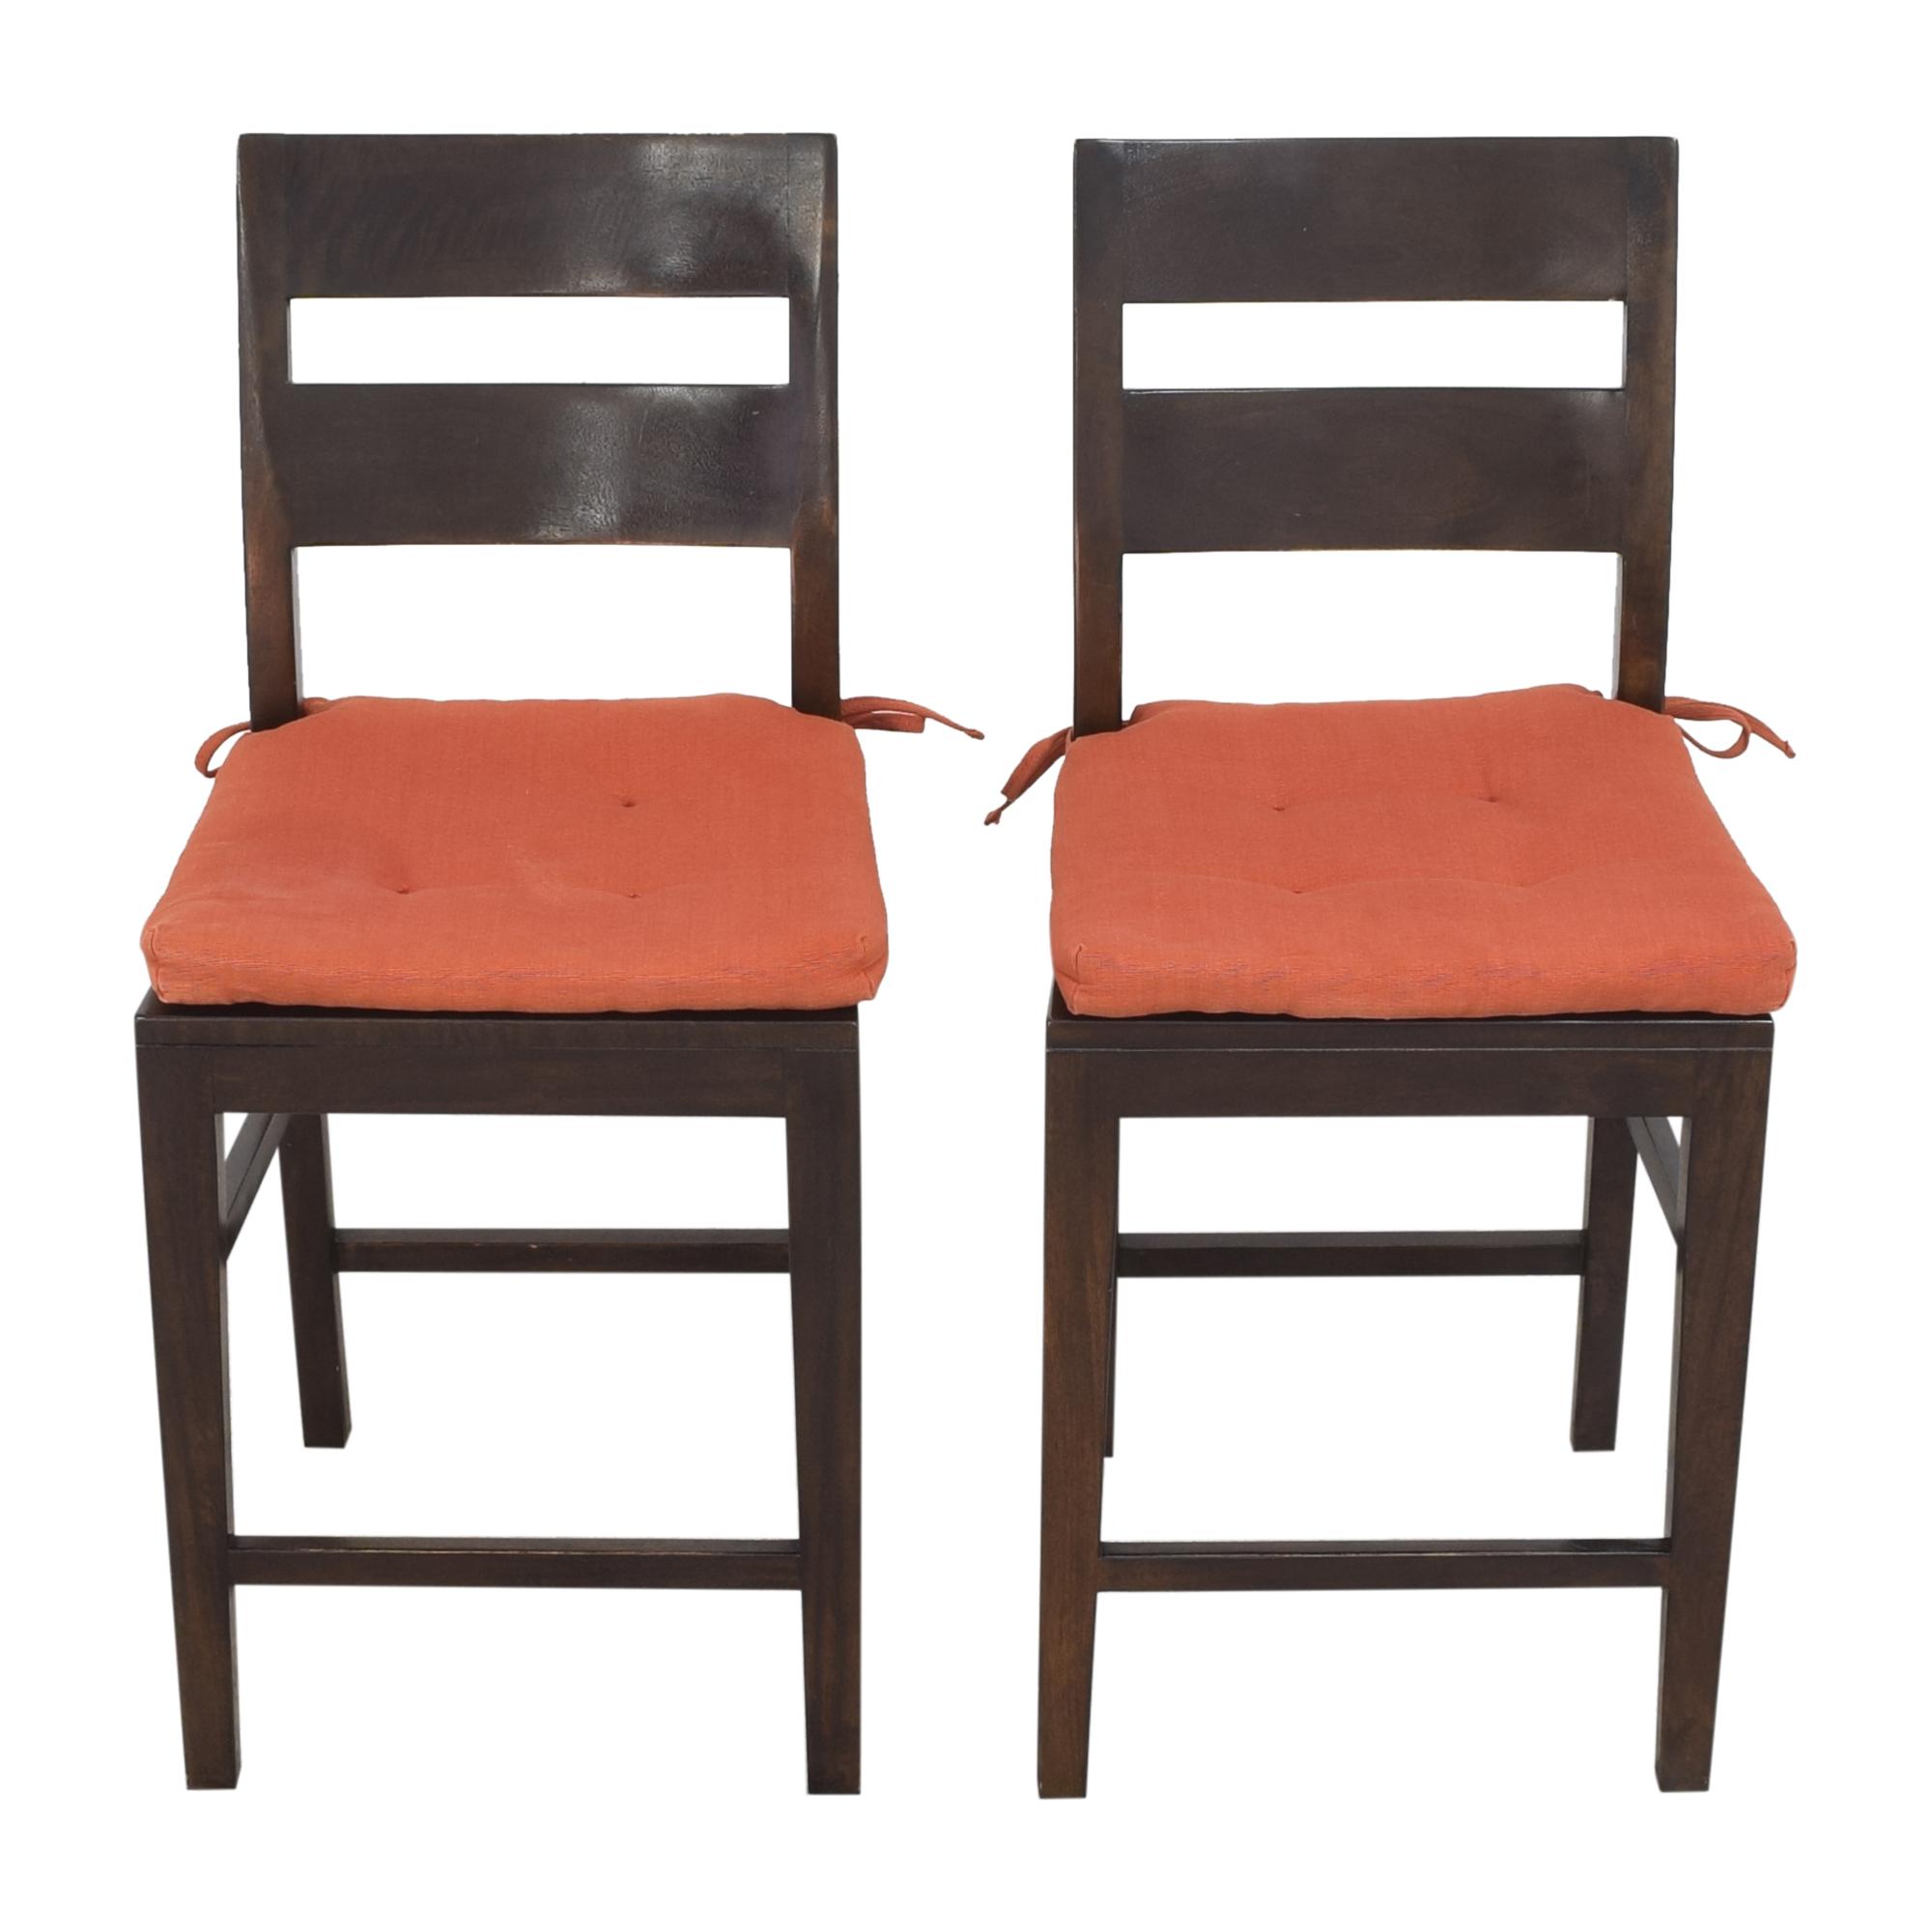 Crate & Barrel Basque Counter Stools / Stools